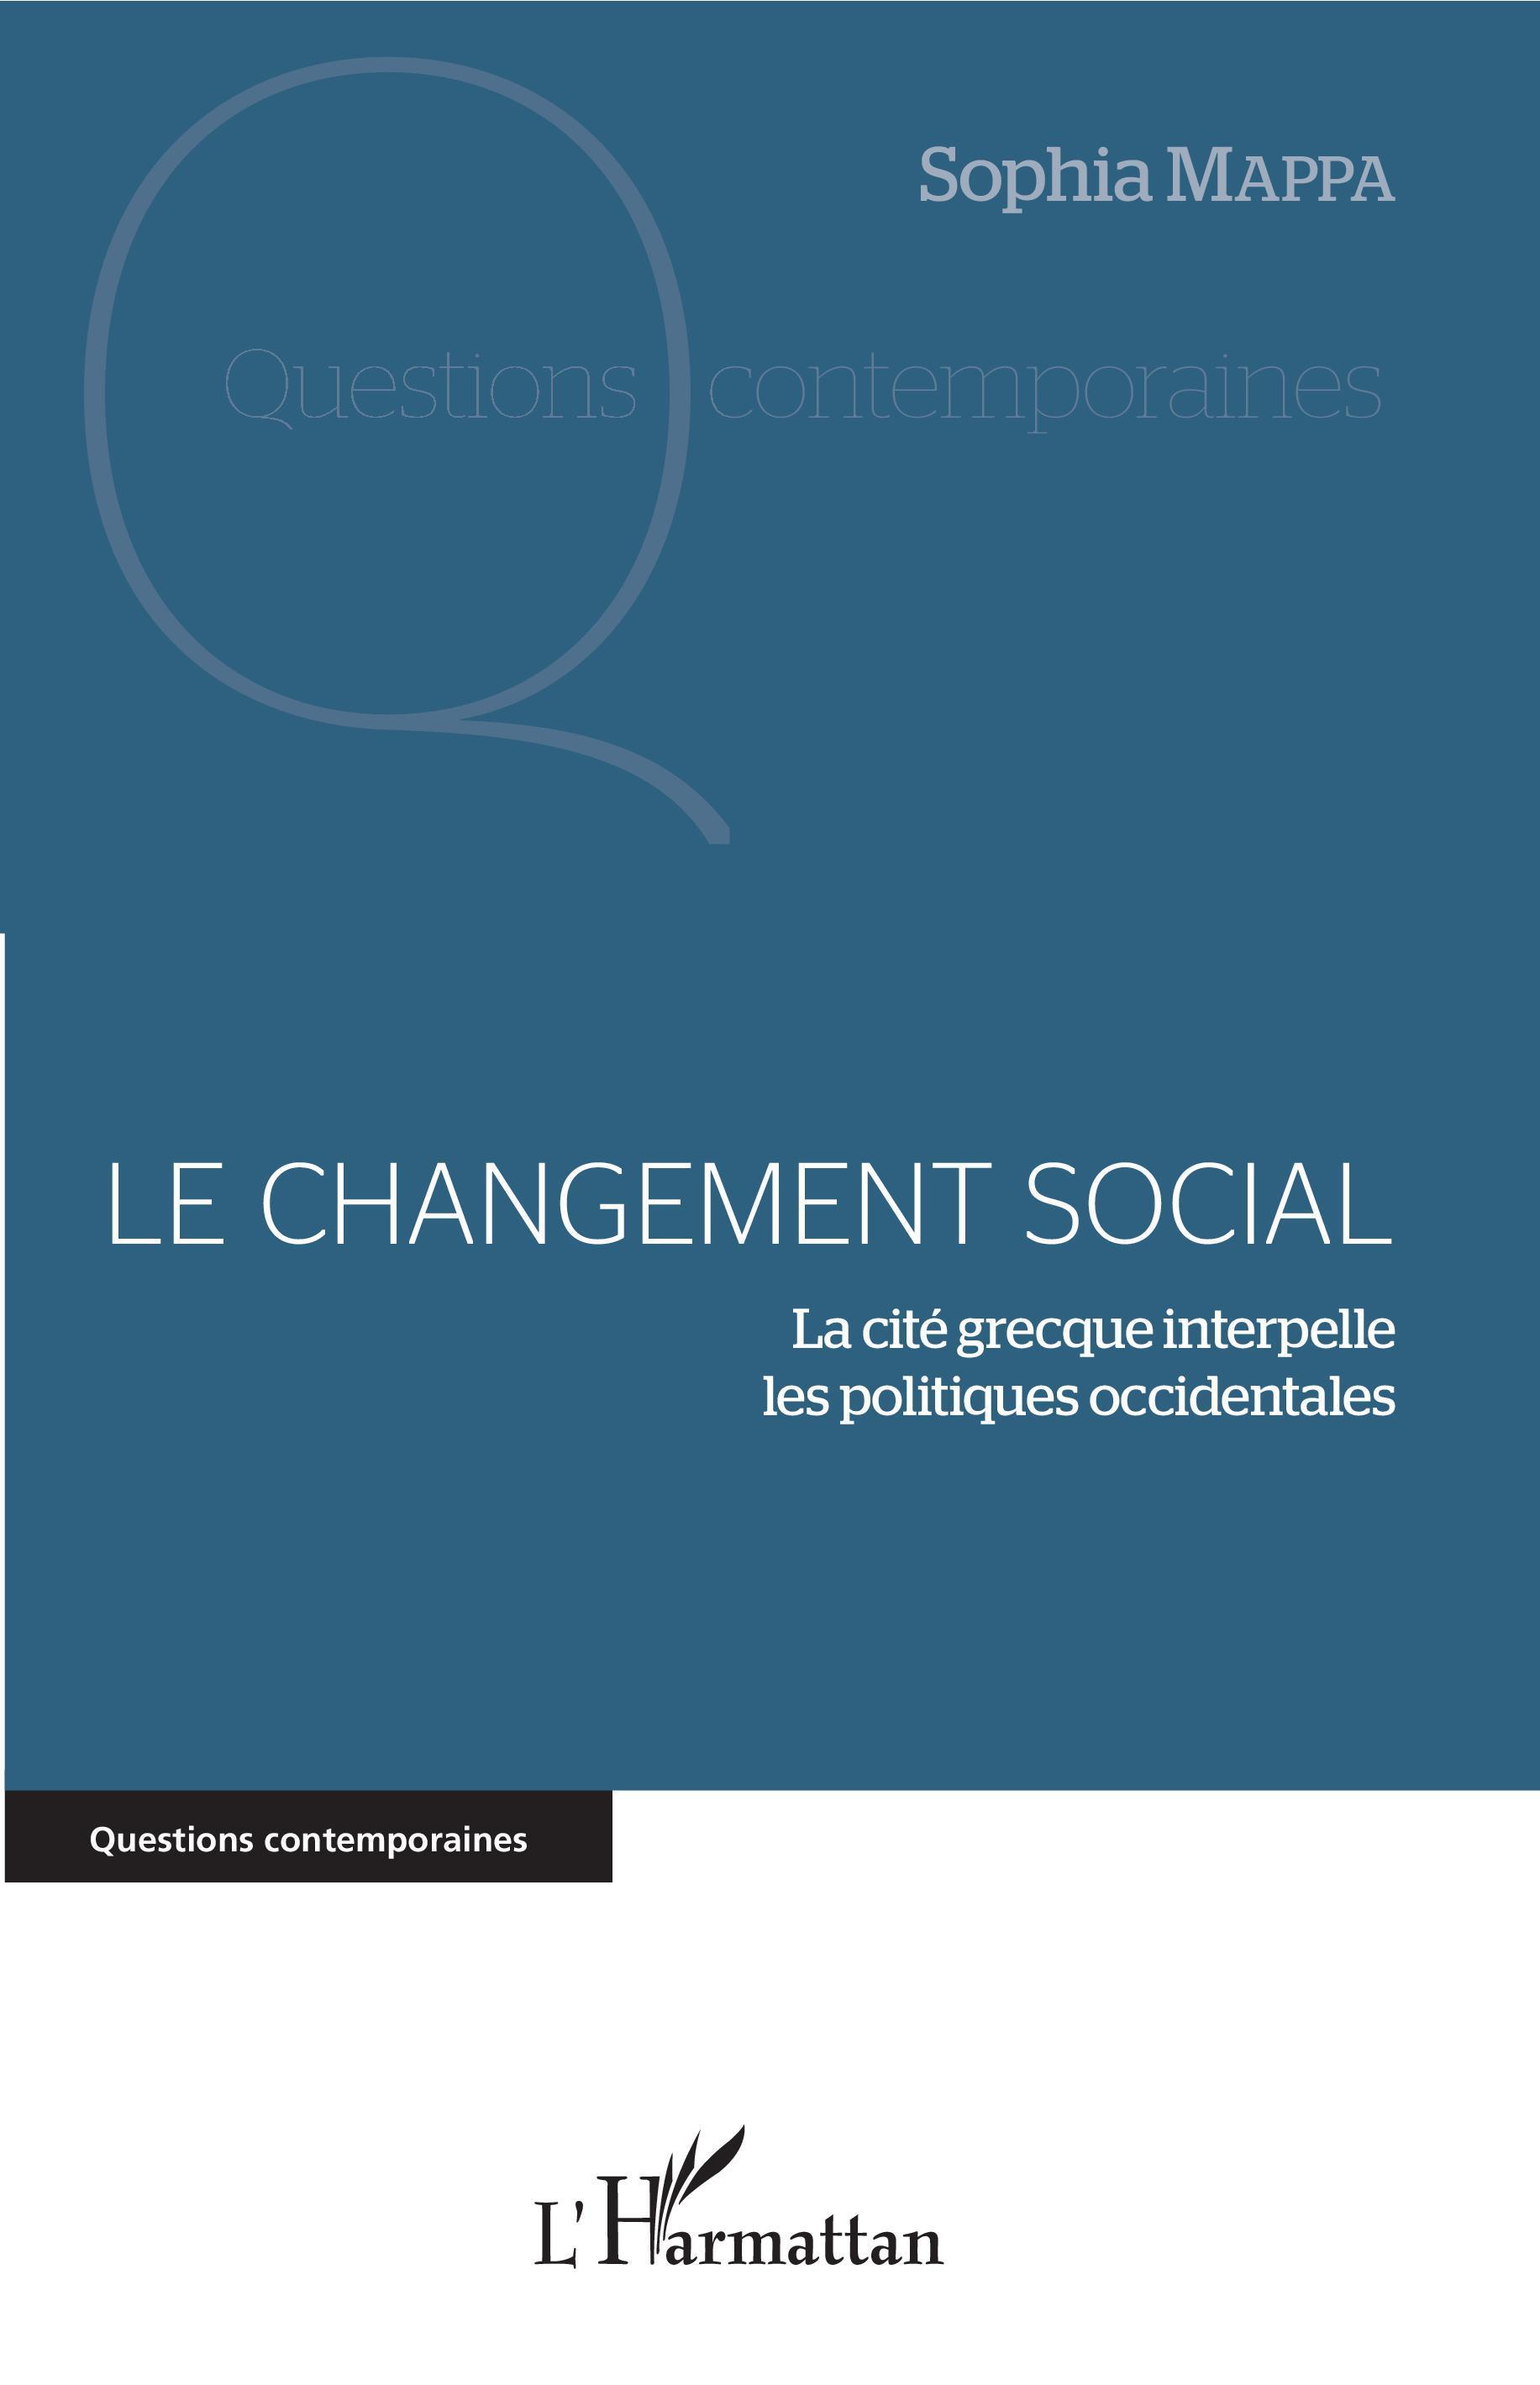 LE CHANGEMENT SOCIAL - LA CITE GRECQUE INTERPELLE LES POLITIQUES OCCIDENTALES